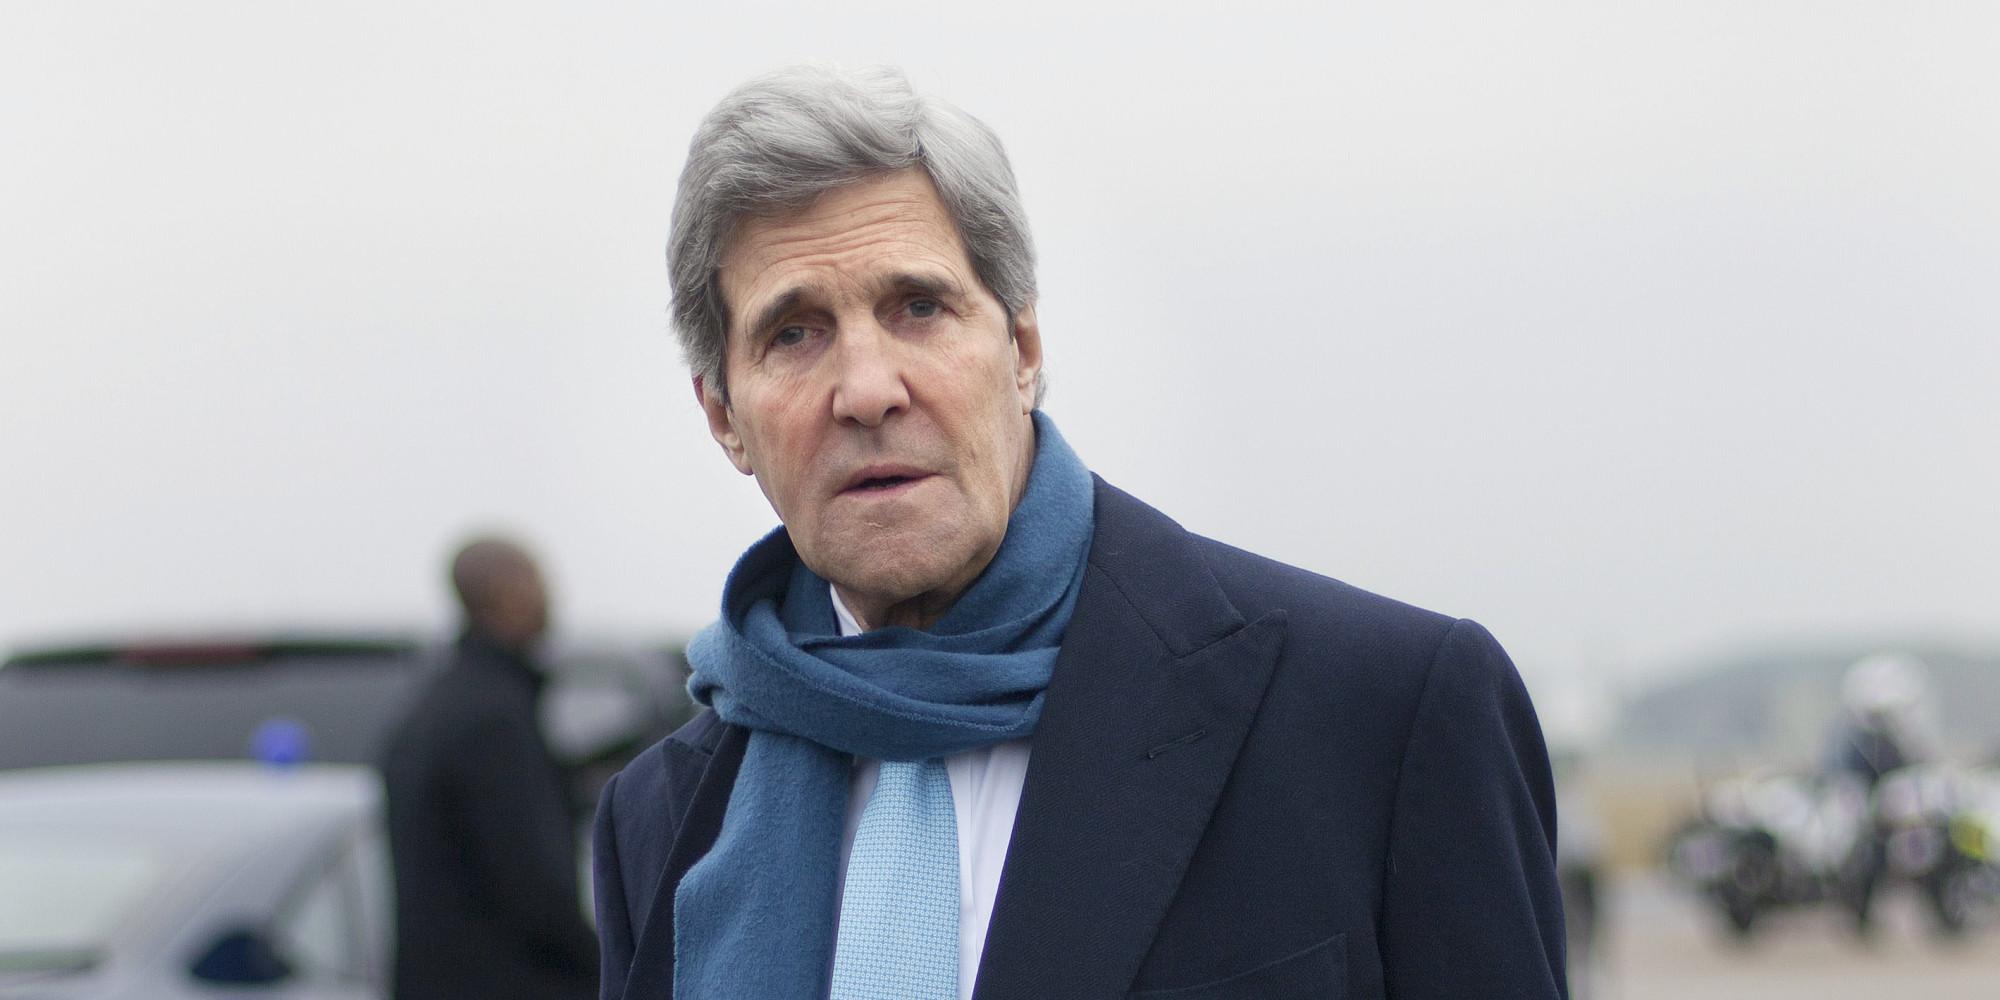 جون كيري يزور أبوظبي وفلسطين لوقف أعمال العنف في القدس